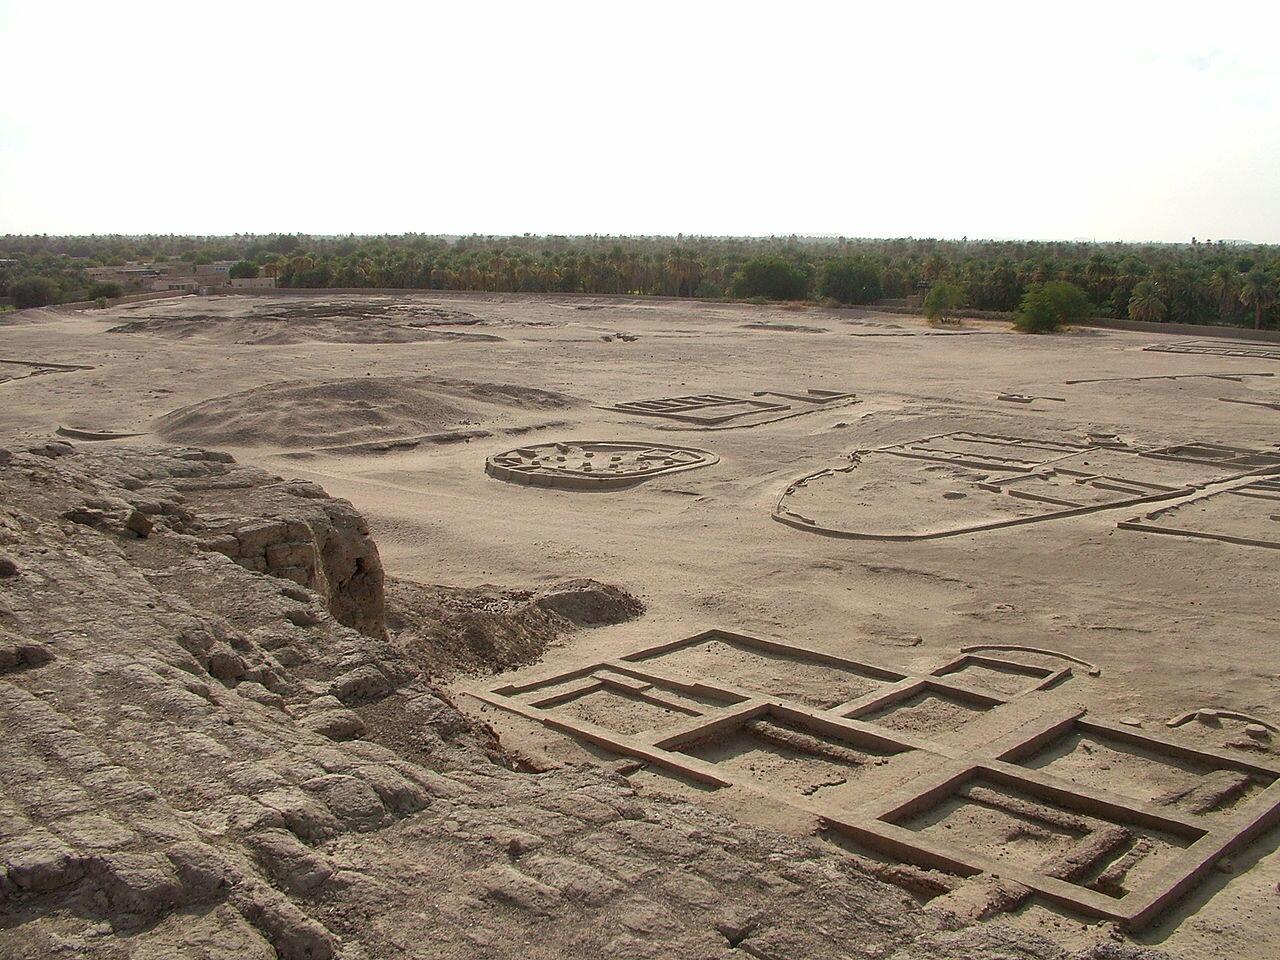 Le site antique de Kerma, au Soudan.